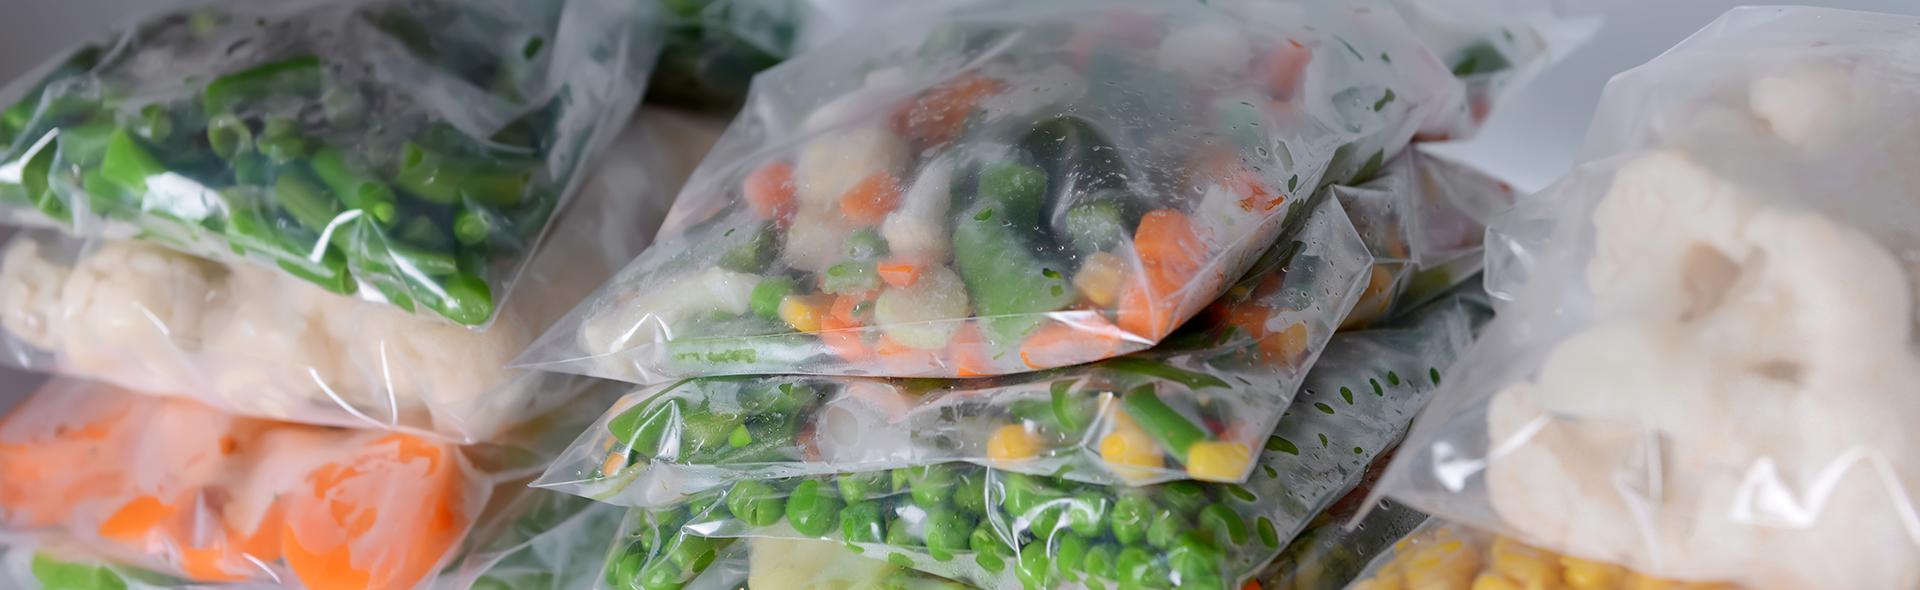 ¿Cómo mantener más frescas tus verduras?